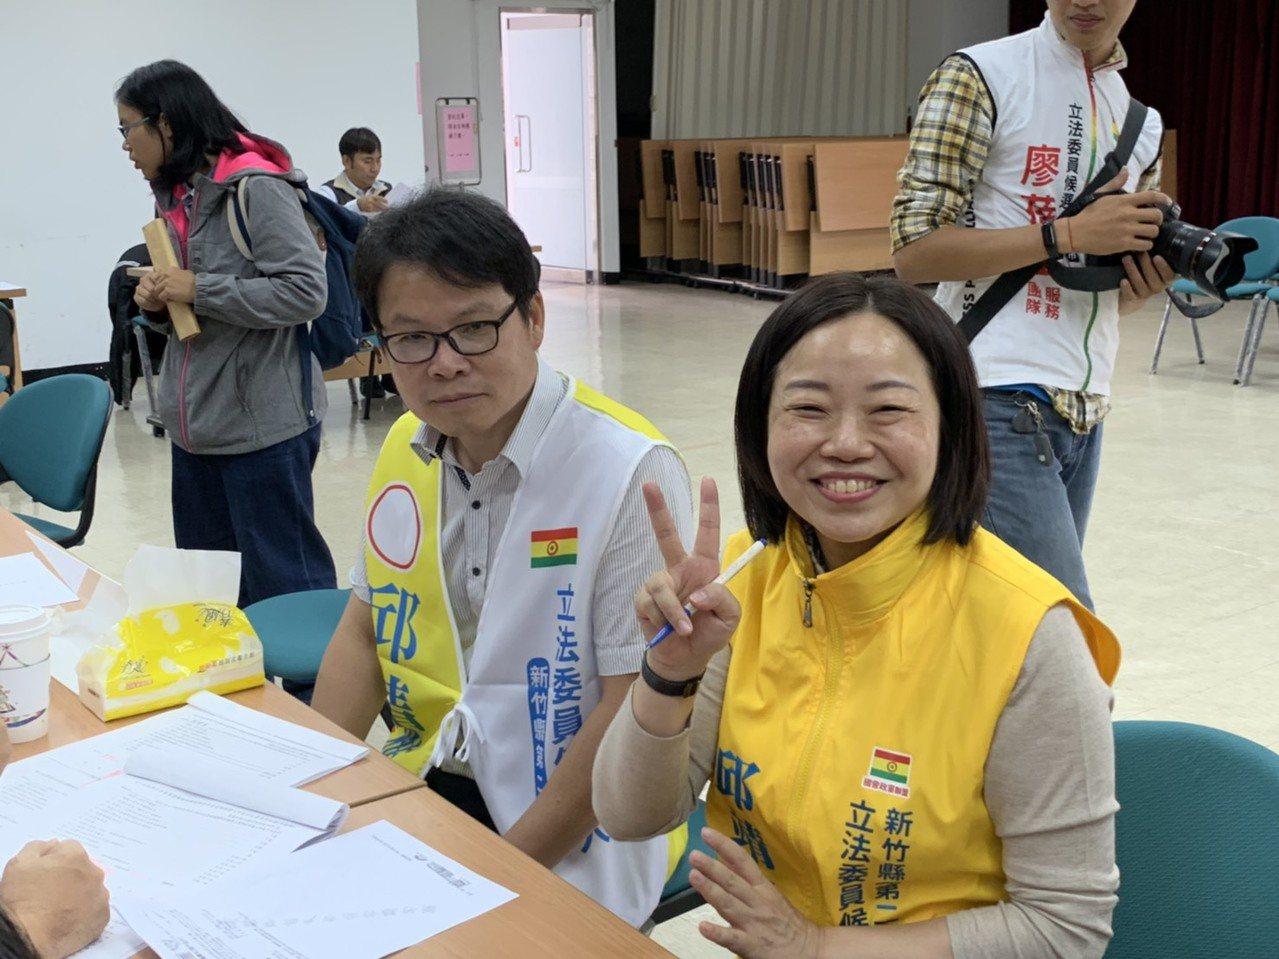 新竹縣第二選區立委參選人邱靖雅下午到新竹縣選委會完成登記。記者陳斯穎/攝影